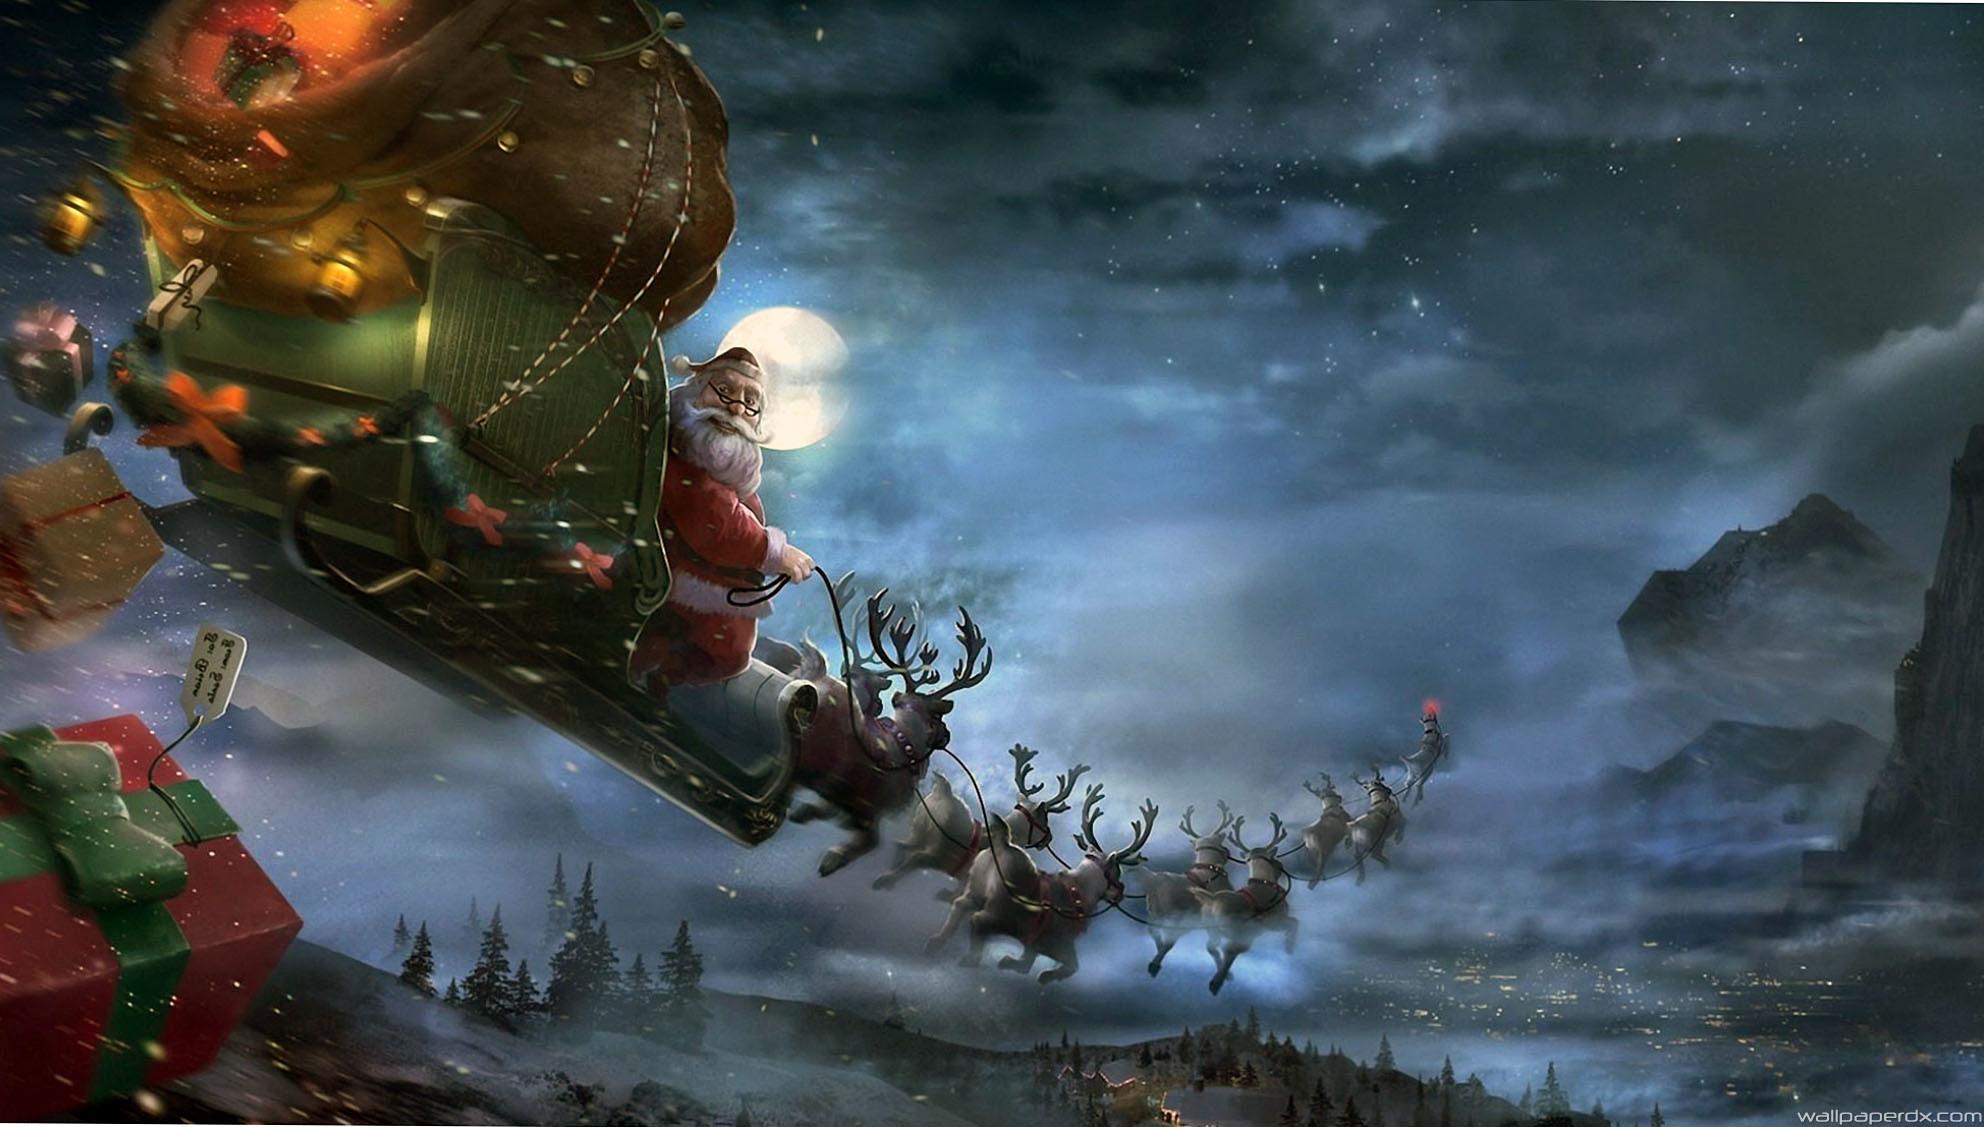 Christmas Art wallpapers